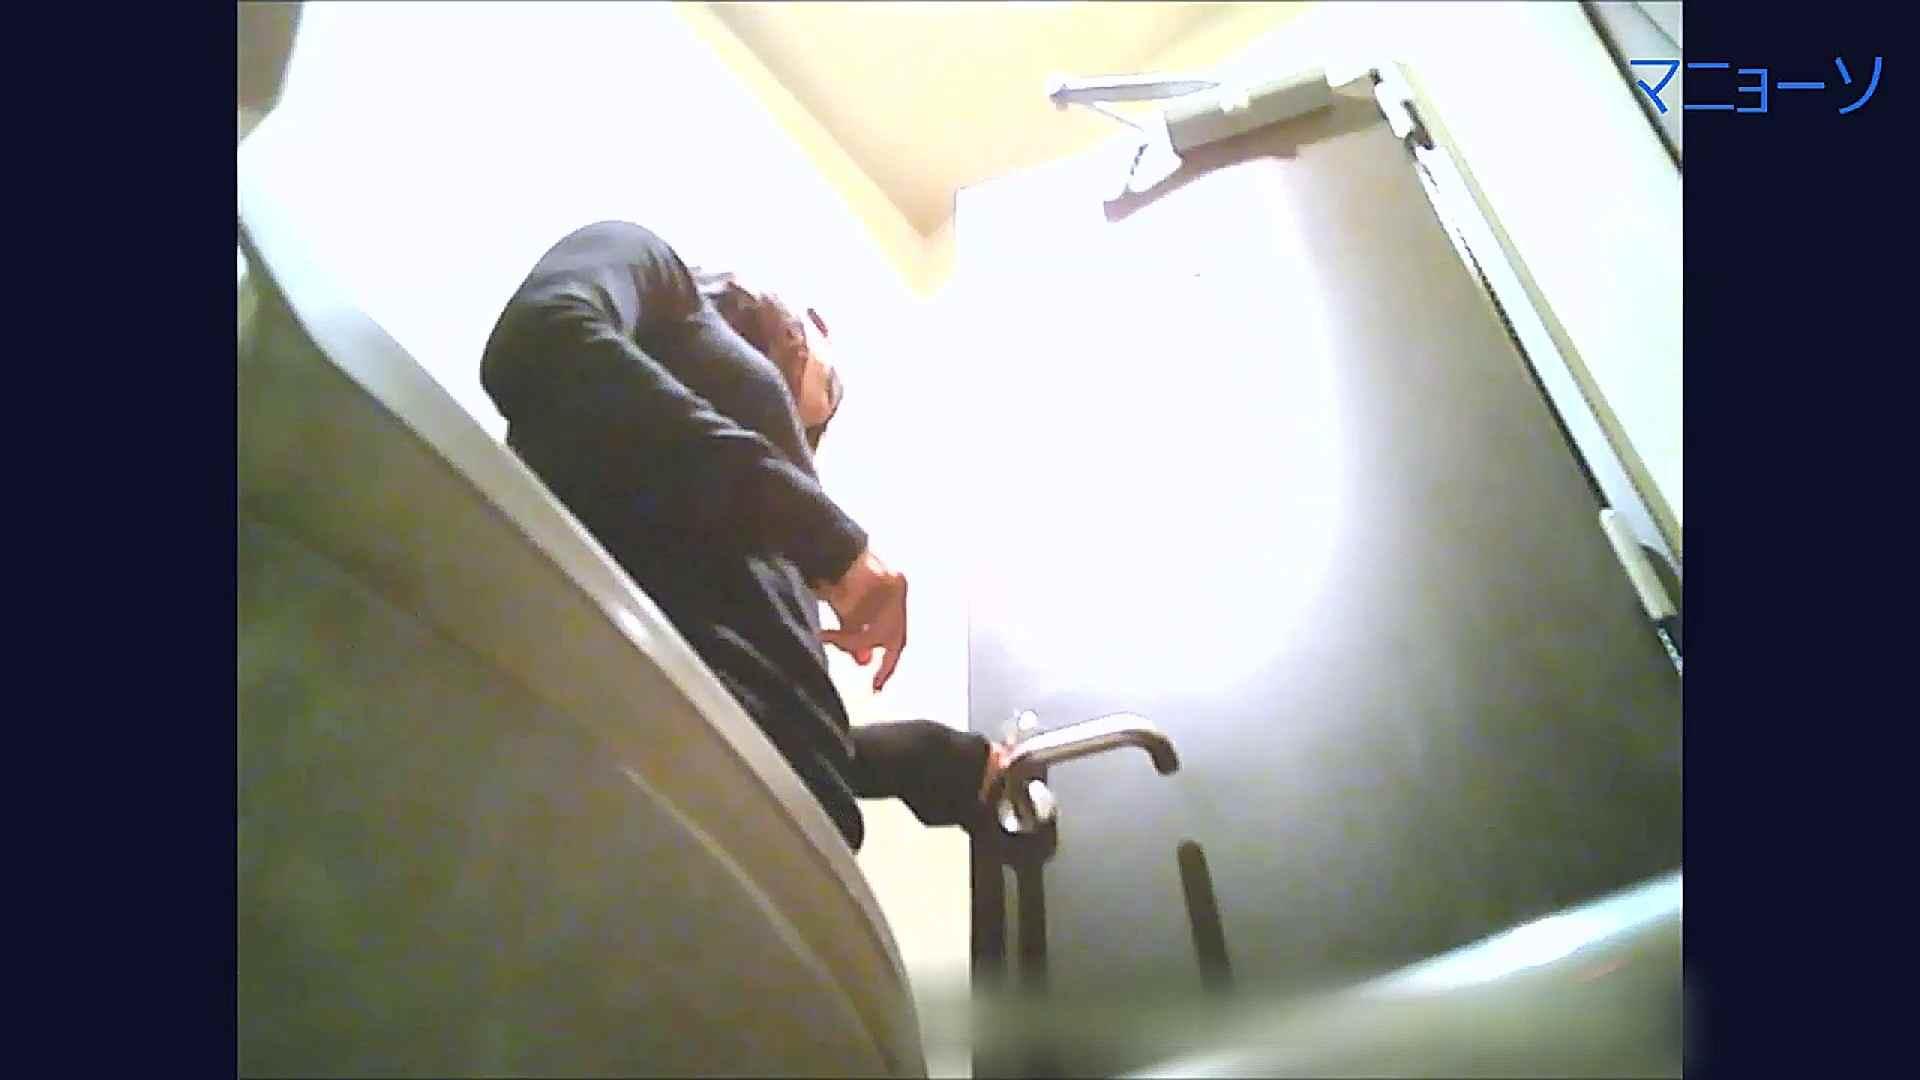 トイレでひと肌脱いでもらいました (JD編)Vol.03 トイレ盗撮 | 色っぽいOL達  70pic 65